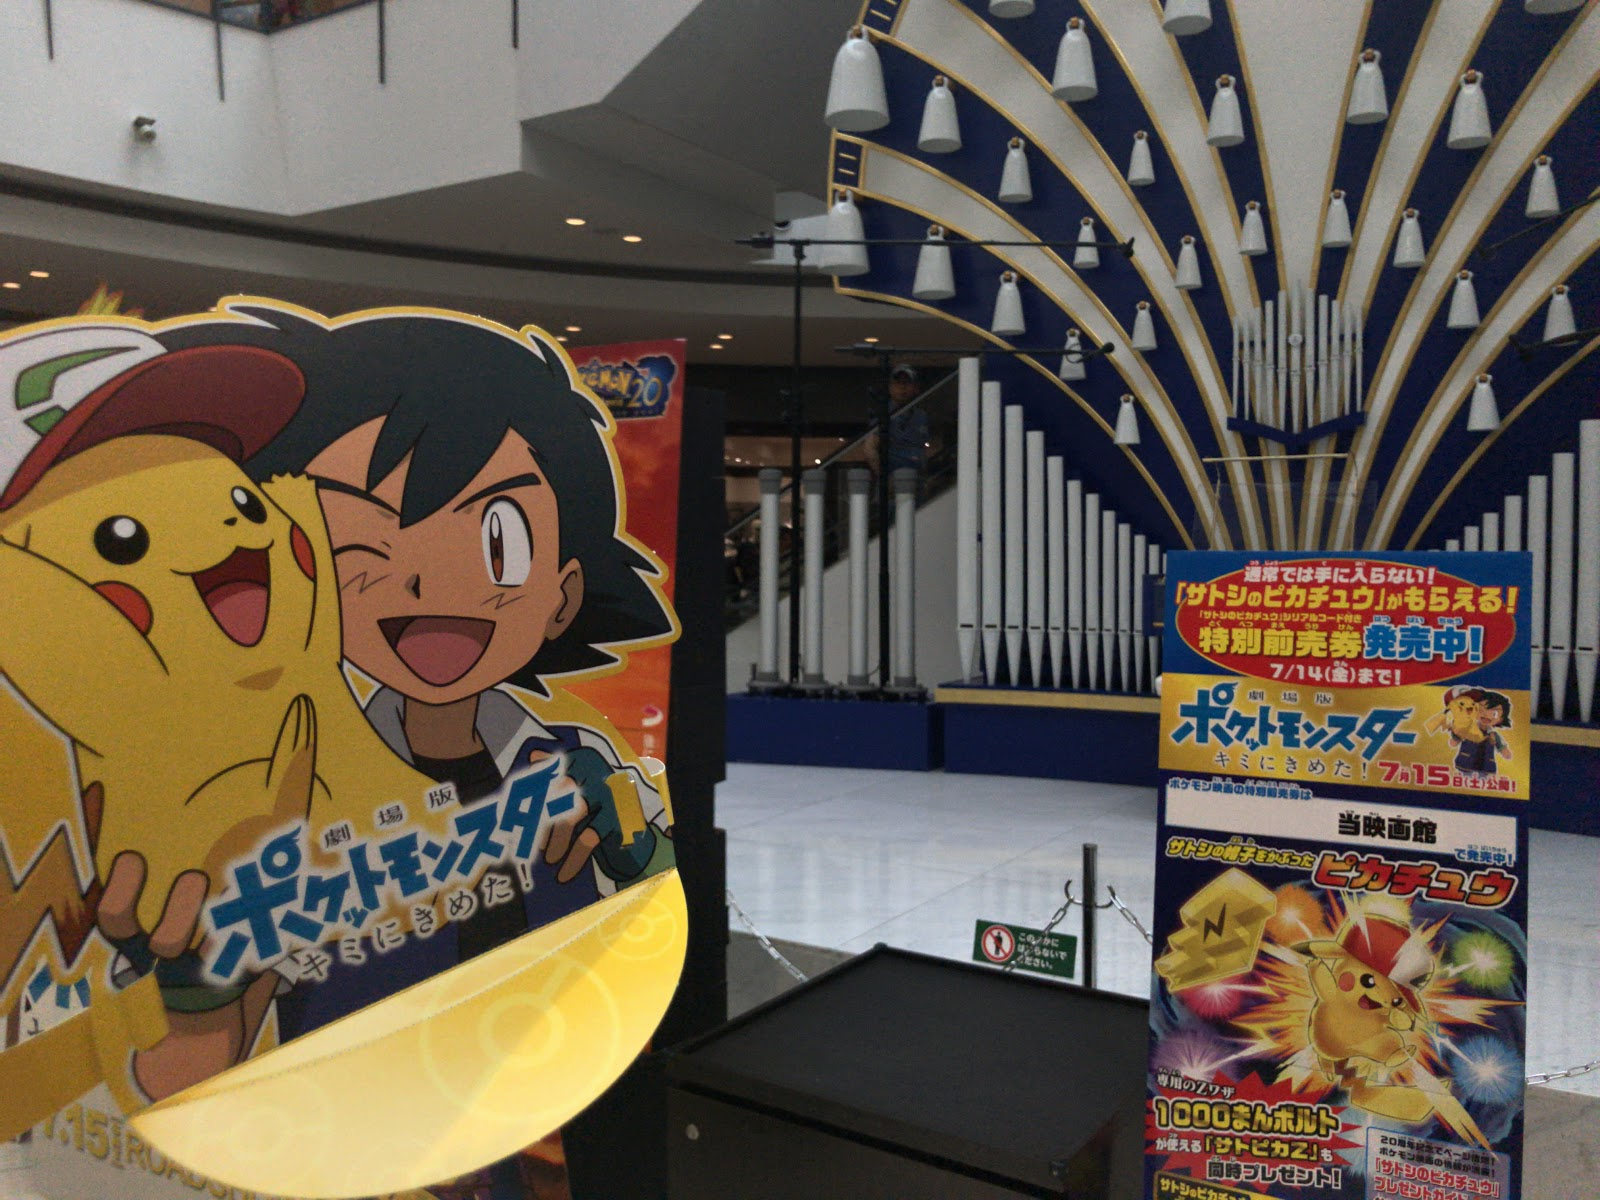 ららぽーと横浜に人気キャラクターが登場!子供も大喜びな理由は